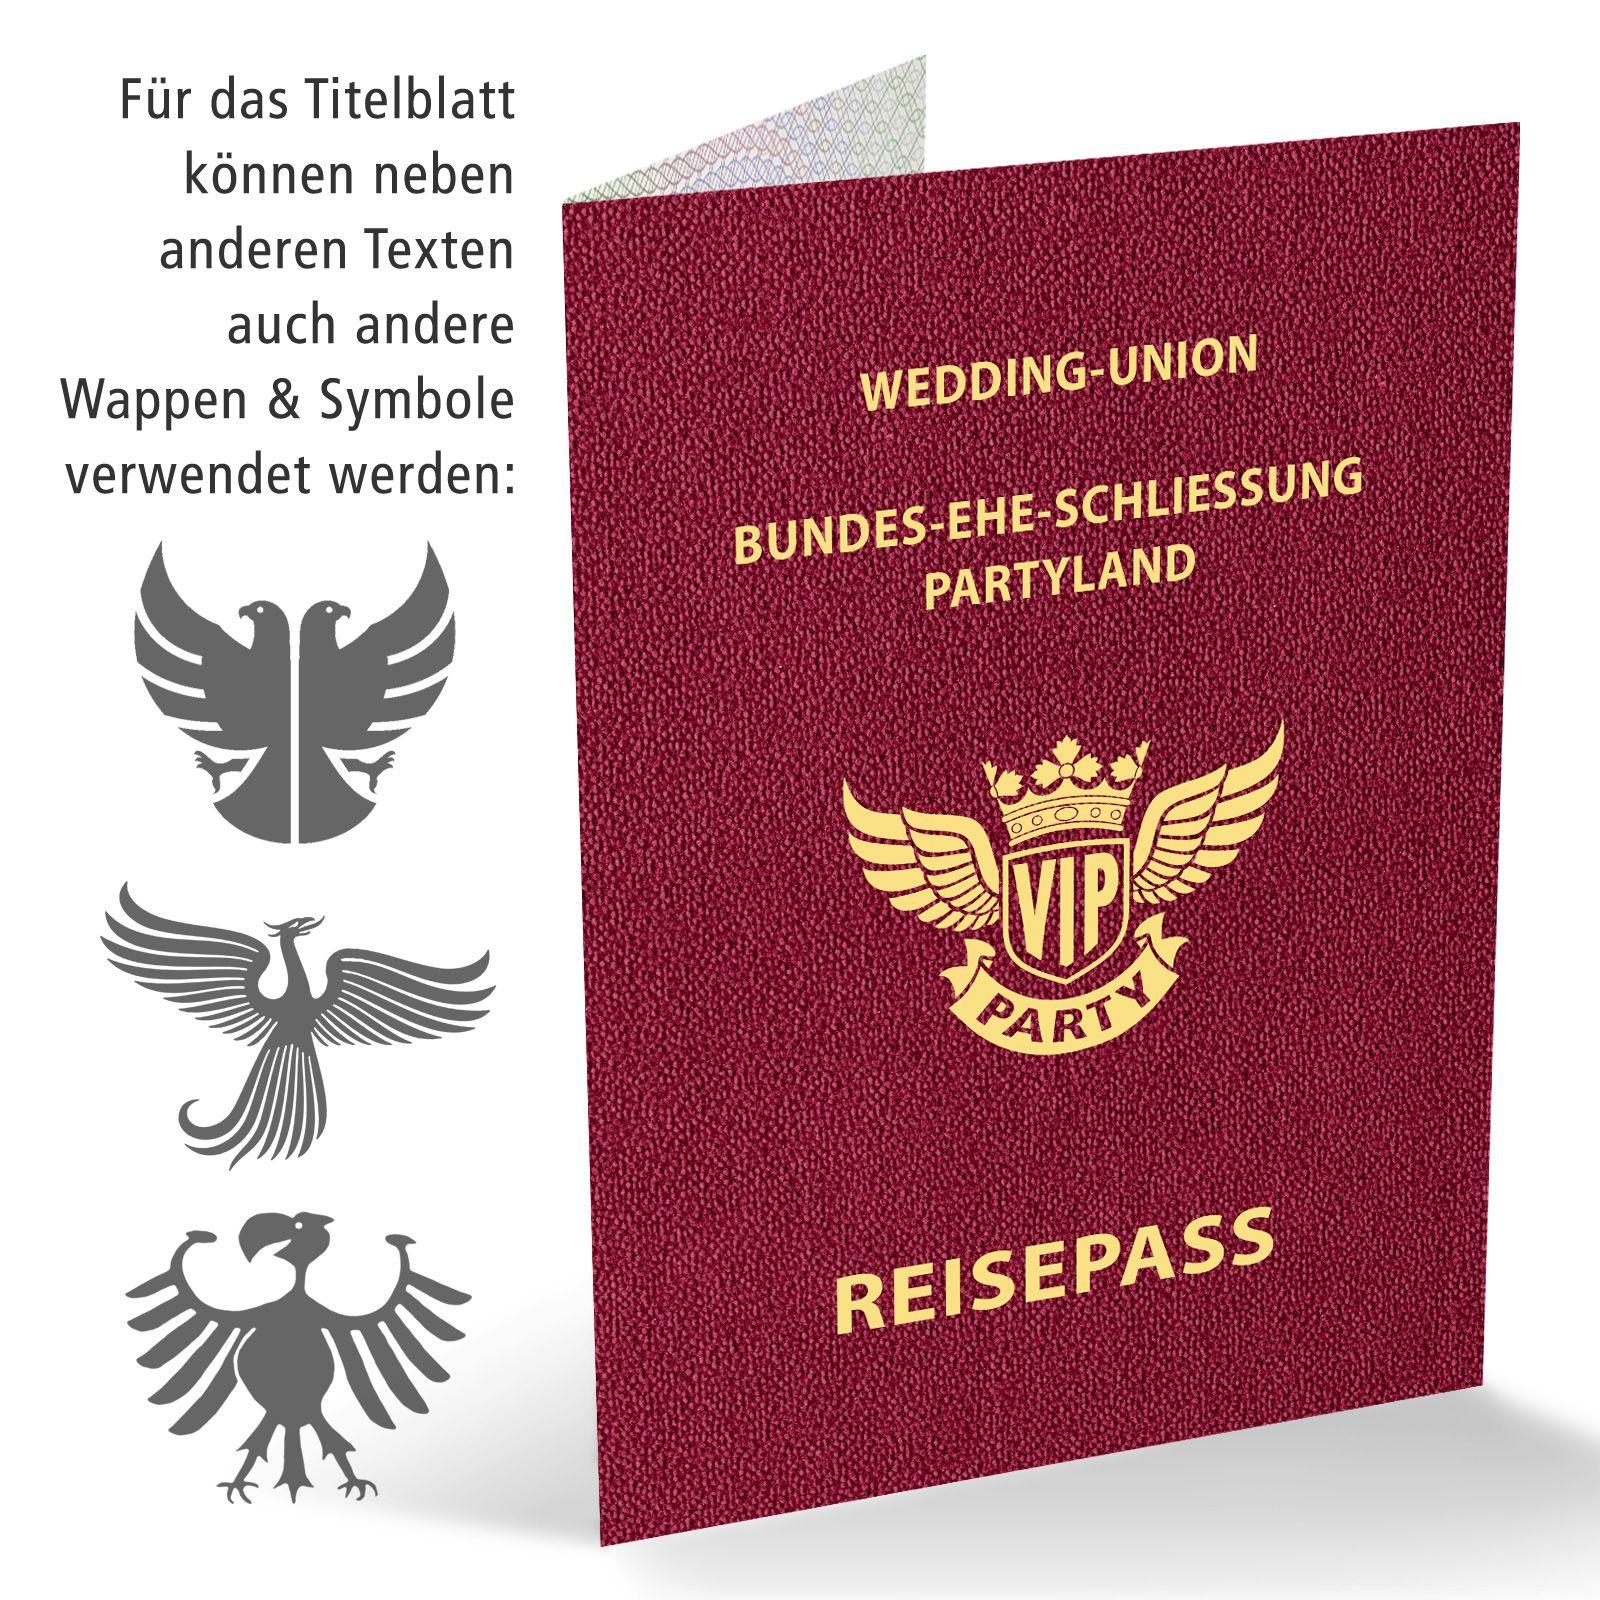 Save The Date Karte Als Reisepass Die Amtliche Legitimation Zum Aufenthalt Bei Ihrer Hochzeitsparty Mit Den Passend Einladungen Save The Date Hochzeit Party